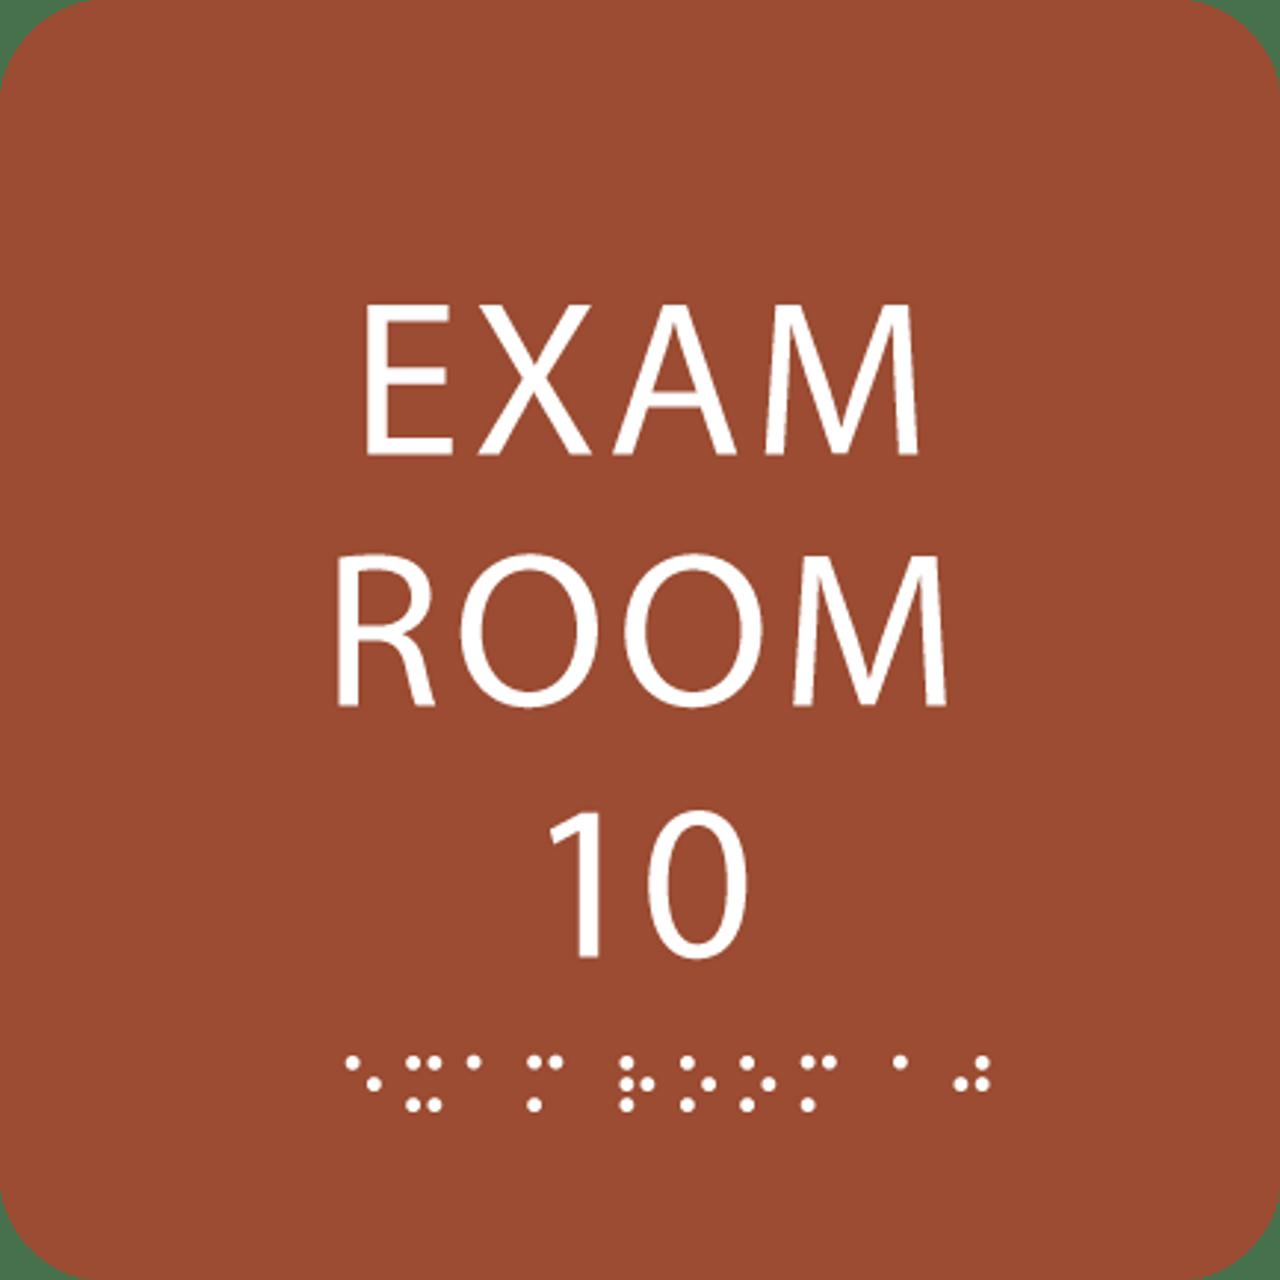 Orange Exam Room 10 Sign w/ ADA Braille